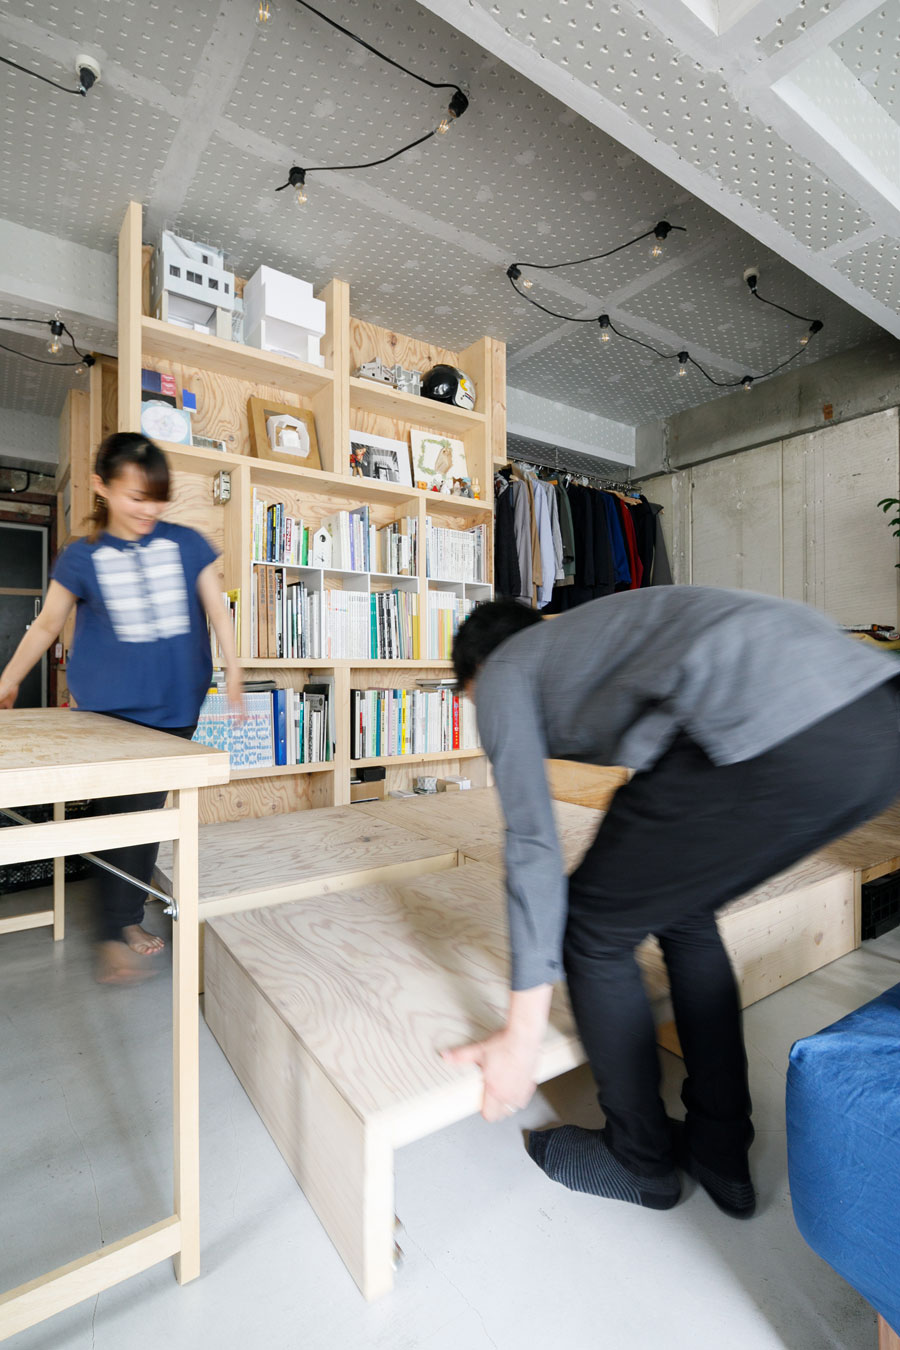 木製ユニットを動かして模様替えをするお2人。「簡単に配置替えができるよう、一つのユニットは両手で持てるくらいのサイズにしました」と原﨑さん。